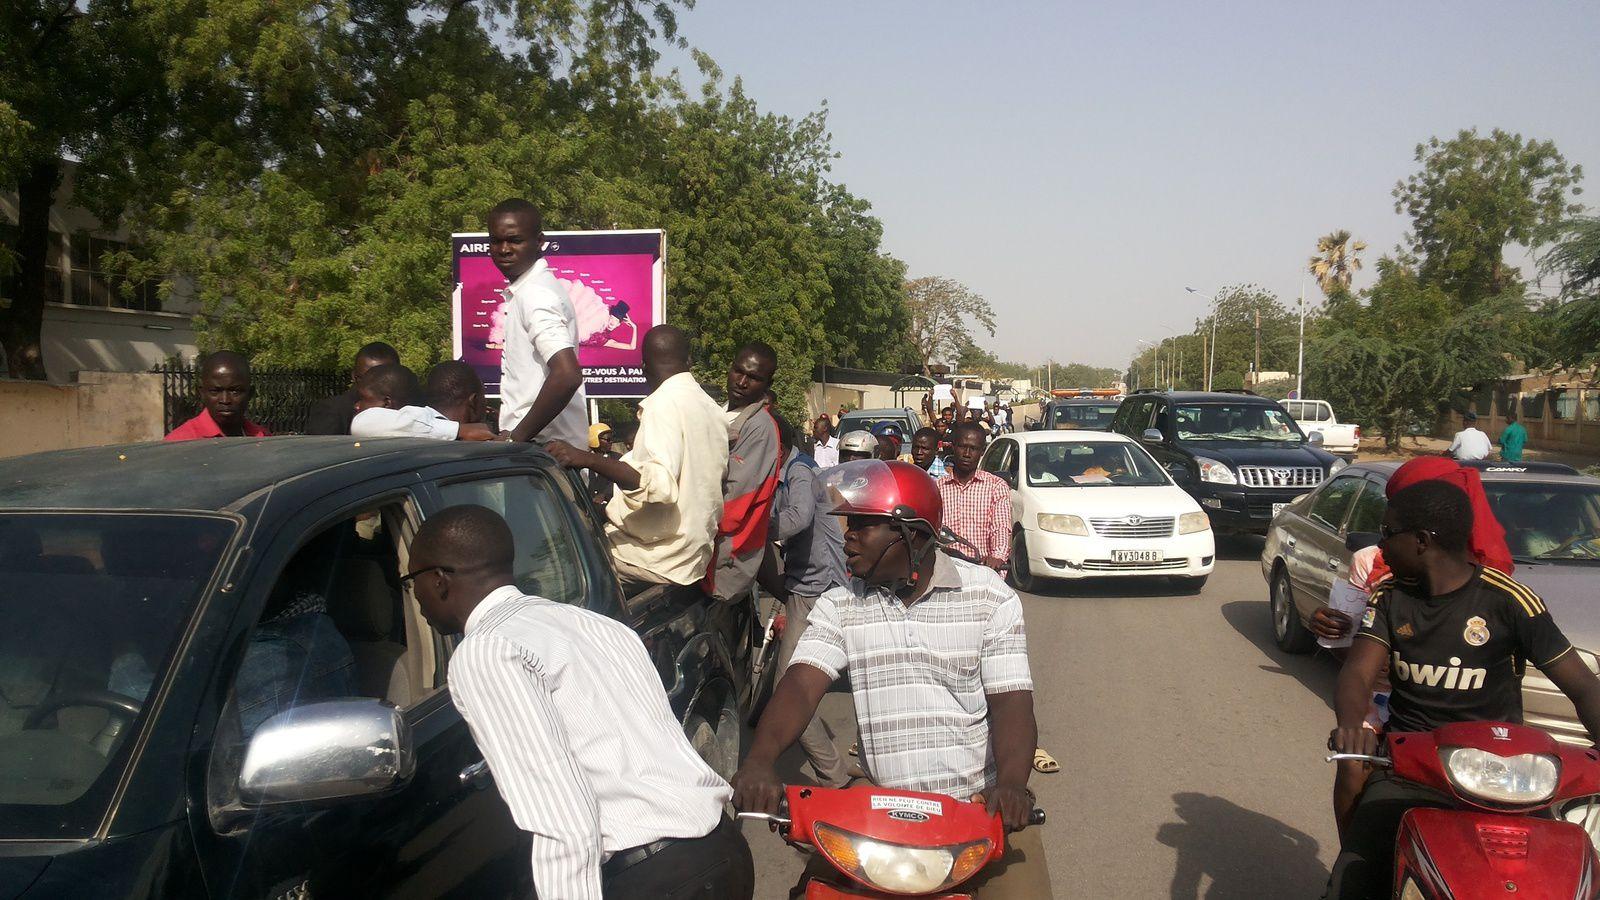 Tchad: la mort d'un étudiant cristallise un mécontentement généralisé contre Idriss Deby